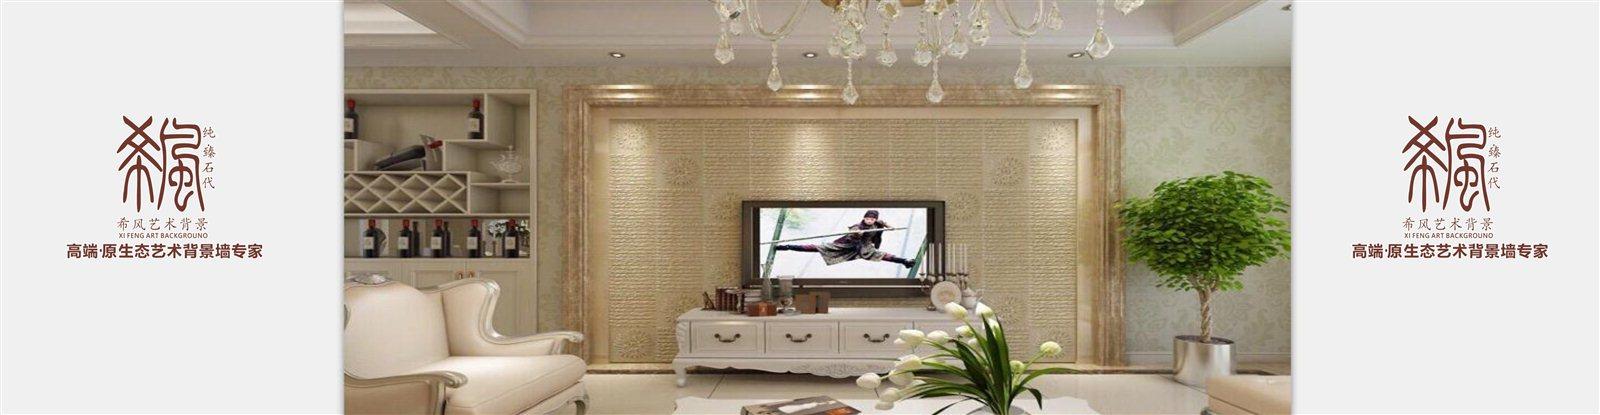 客厅的电视背景墙成了最吸引